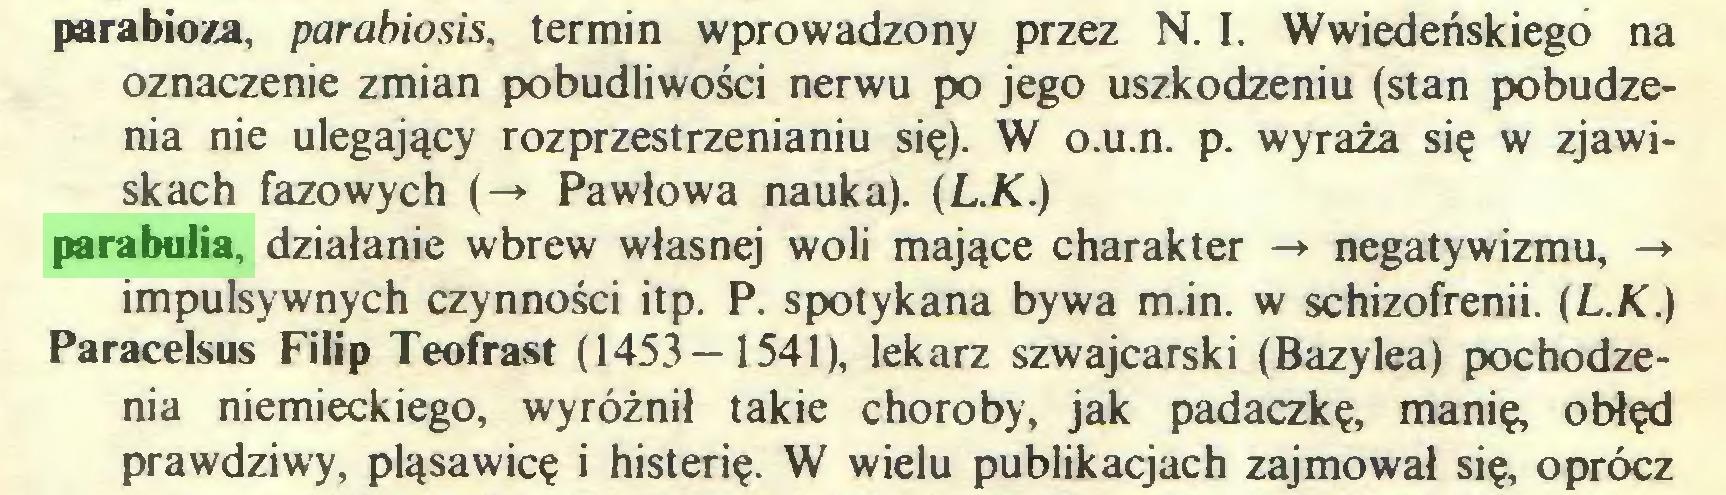 (...) parabioza, parabiosis, termin wprowadzony przez N. I. Wwiedeńskiego na oznaczenie zmian pobudliwości nerwu po jego uszkodzeniu (stan pobudzenia nie ulegający rozprzestrzenianiu się). W o.u.n. p. wyraża się w zjawiskach fazowych (-» Pawłowa nauka). {L.K.) parabulia, działanie wbrew własnej woli mające charakter -» negatywizmu, -> impulsywnych czynności itp. P. spotykana bywa m.in. w schizofrenii. {L.K.) Paracelsus Filip Teofrast (1453—1541), lekarz szwajcarski (Bazylea) pochodzenia niemieckiego, wyróżnił takie choroby, jak padaczkę, manię, obłęd prawdziwy, pląsawicę i histerię. W wielu publikacjach zajmował się, oprócz...